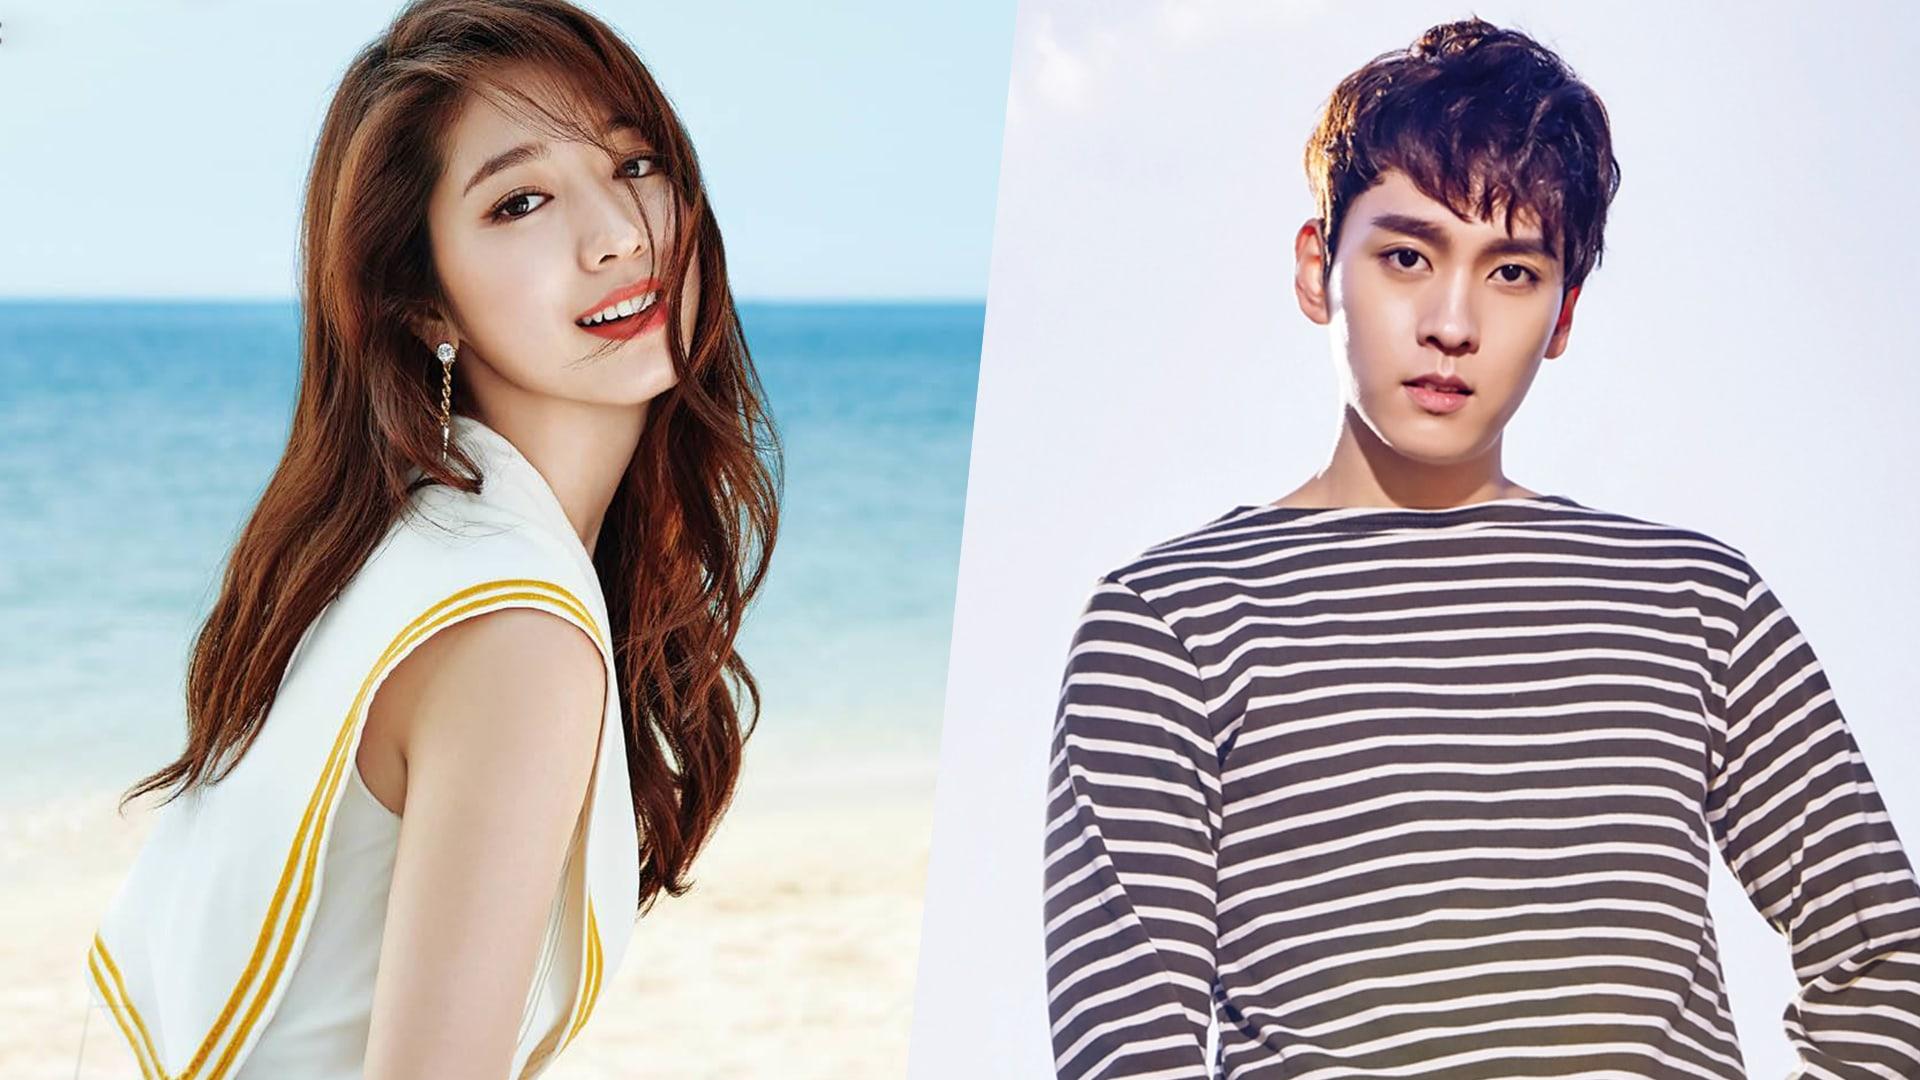 La agencia de Park Shin Hye responde a los rumores de relación entre la actriz y el actor Choi Tae Joon